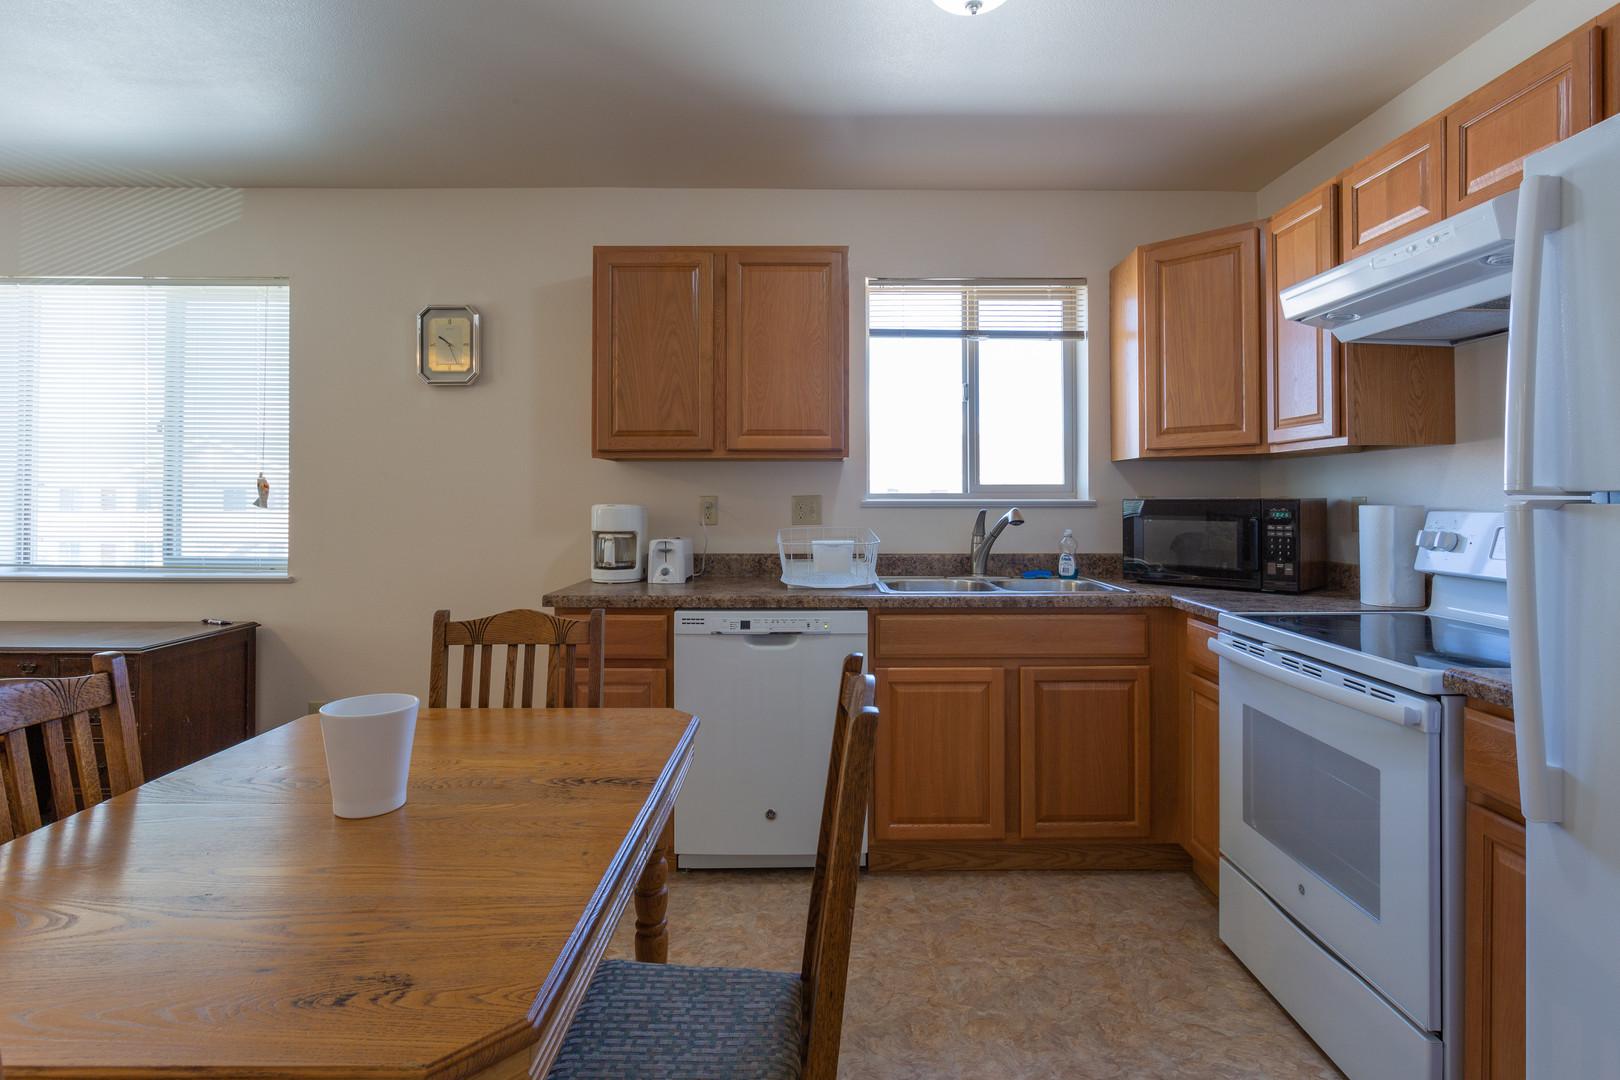 Kiva 1 BR Kitchen